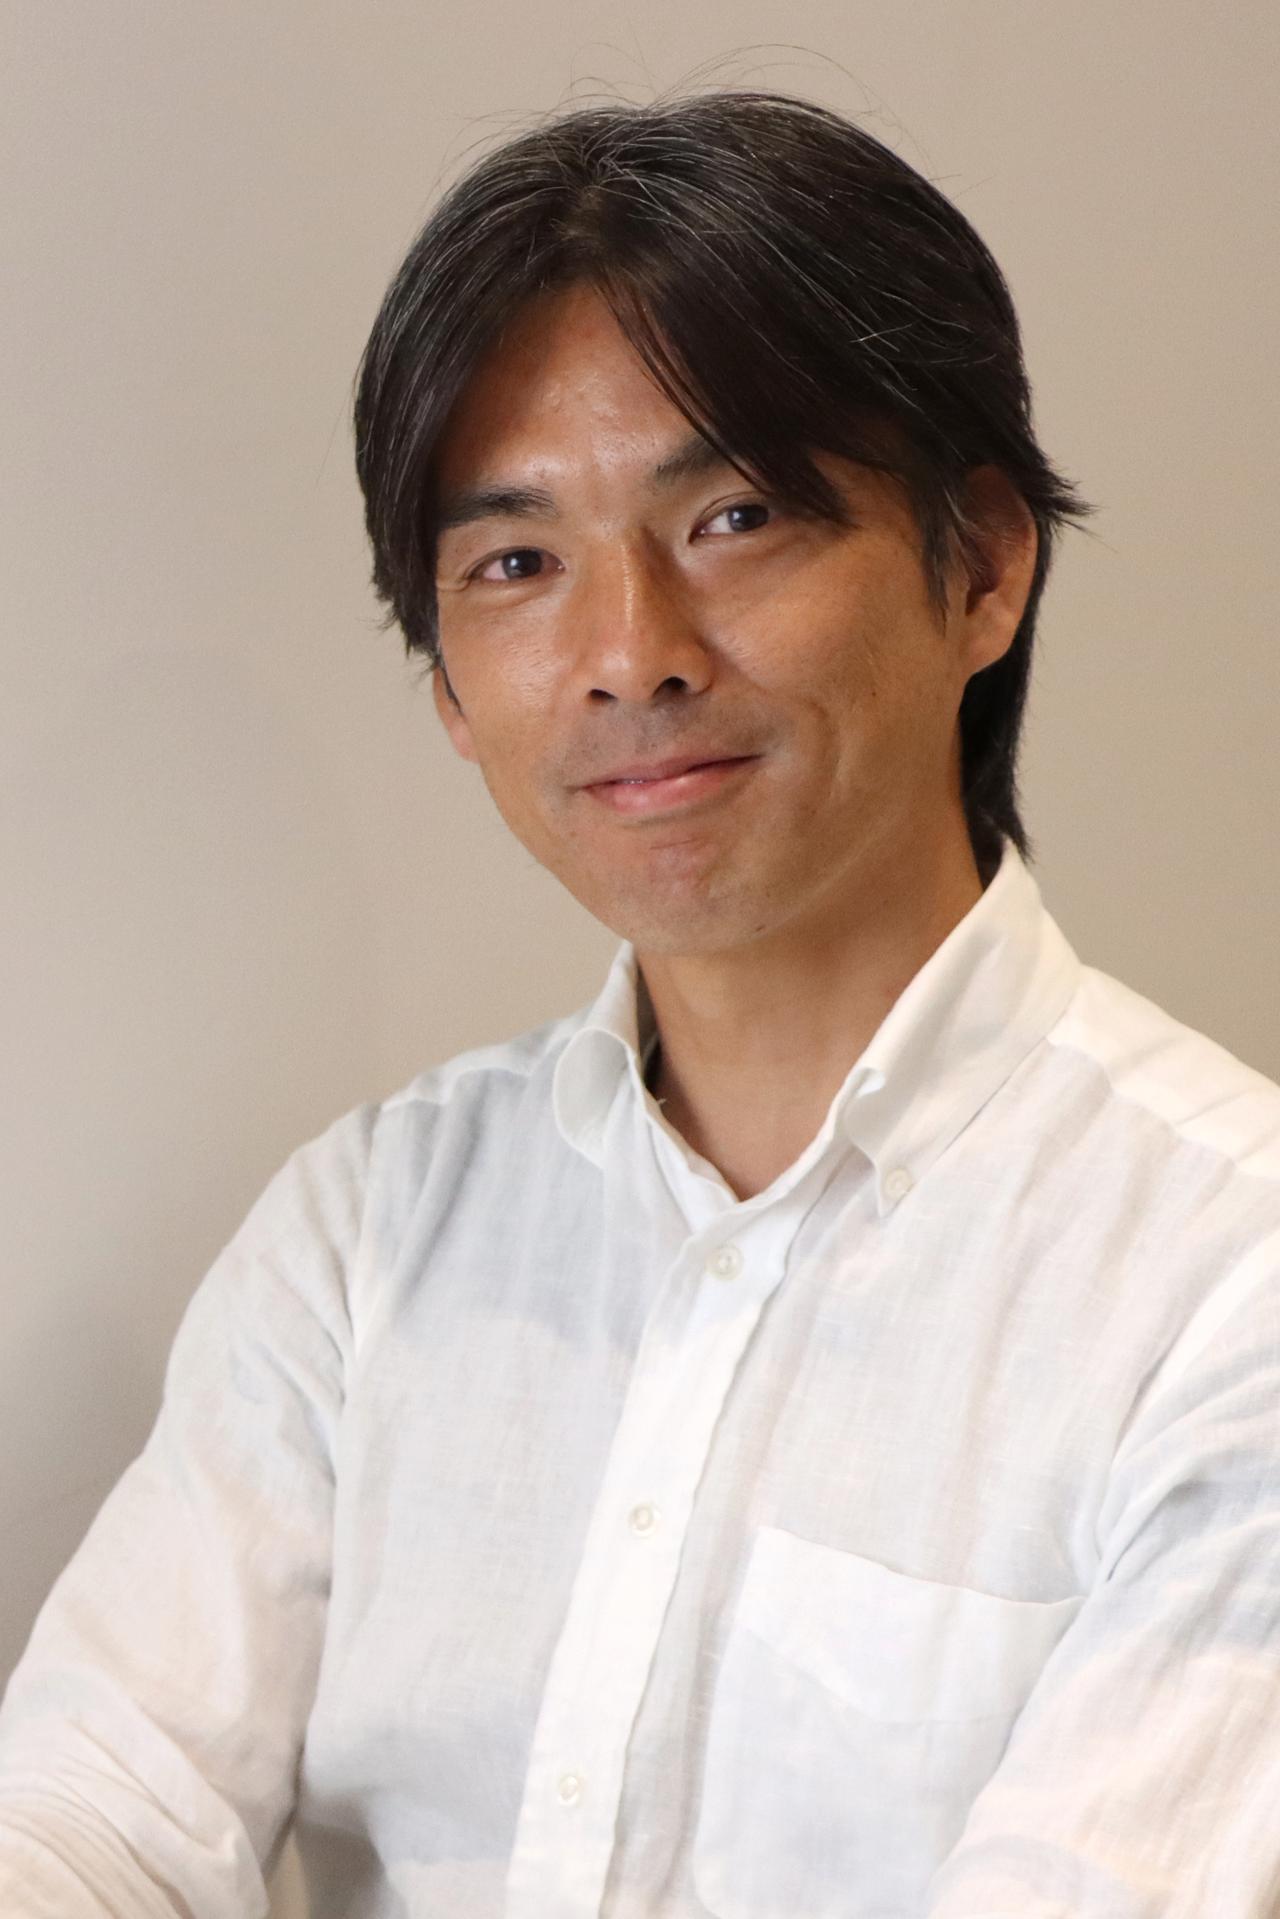 画像: 小山良太氏 日本ワインに強い「IMADEYA」営業企画本部長兼執行役員。日本ワイン生産者のパートナーとしても精力的に活動